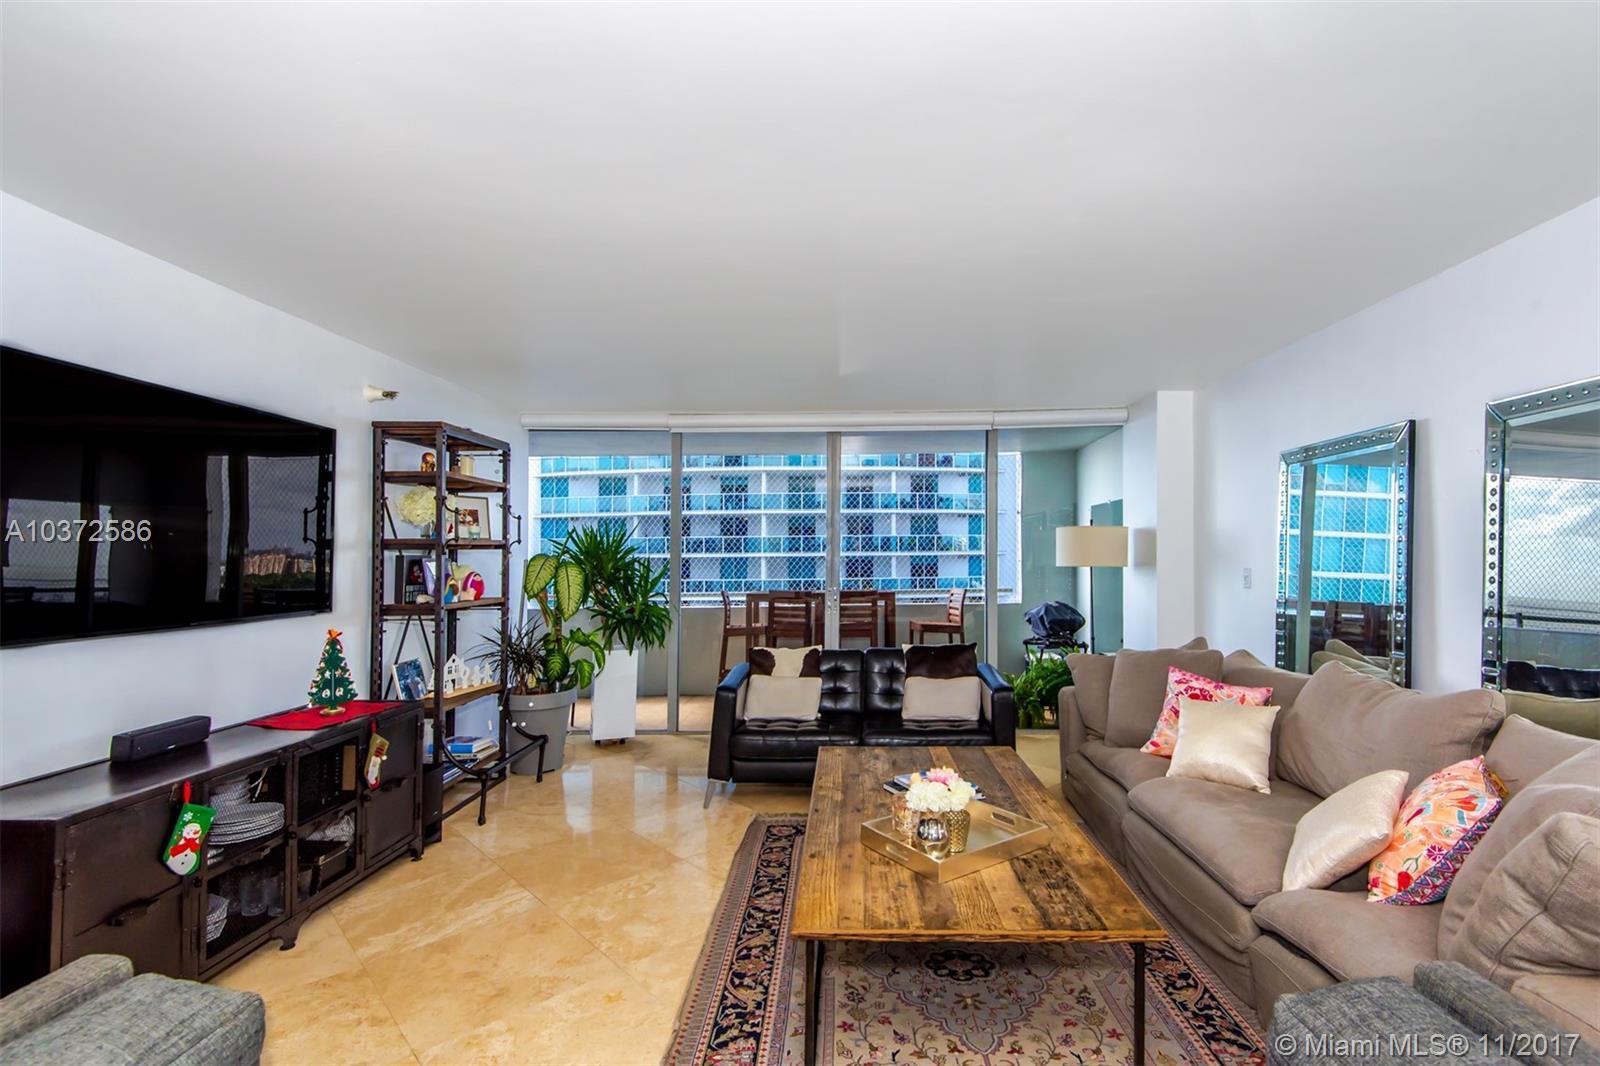 2025 Brickell Ave #1803, Miami FL, 33129 | MLS# A10372586 | For Sale